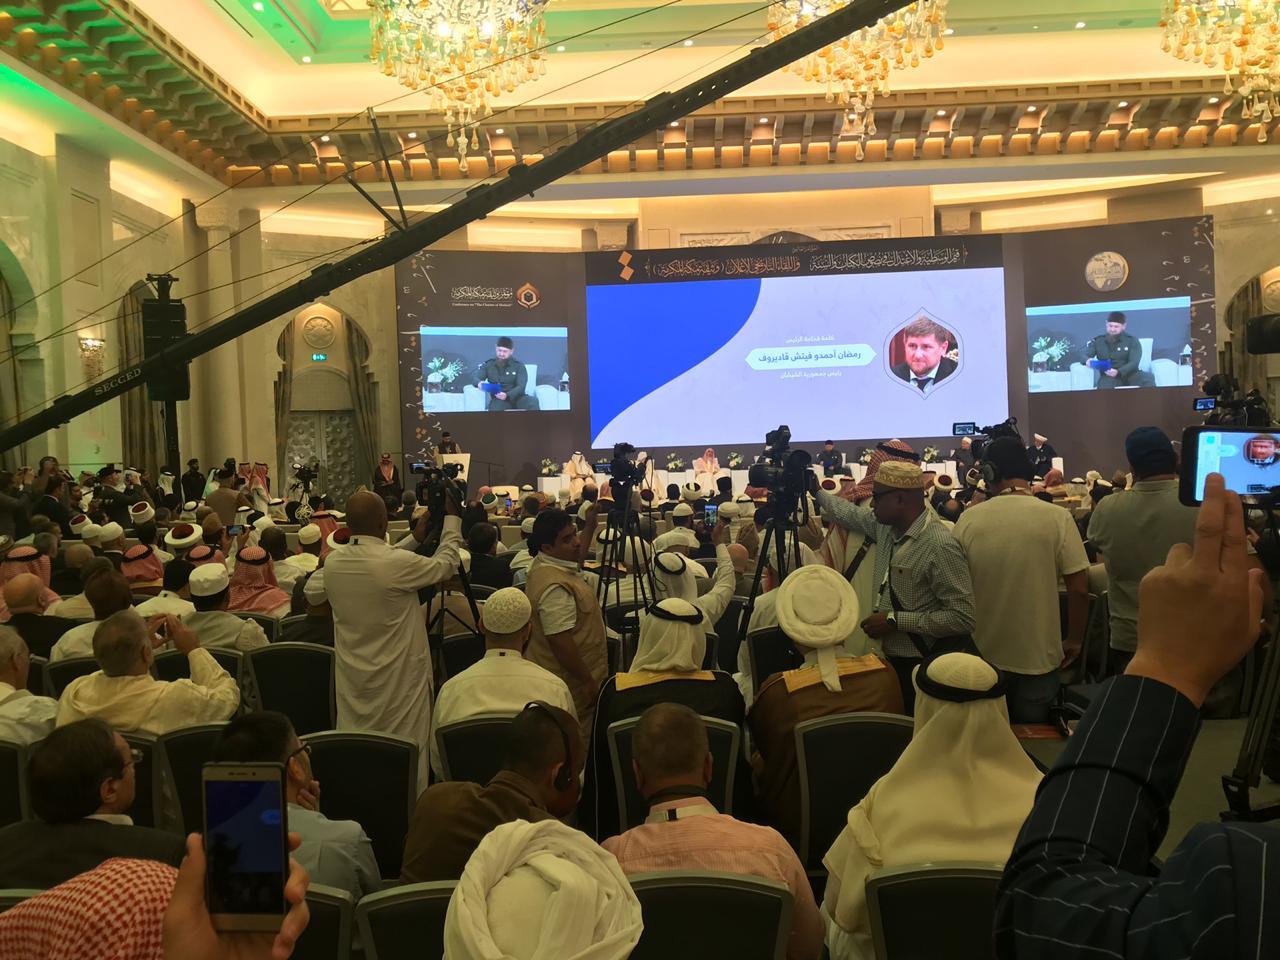 الحوار والنقاش دائر بين كبار علماء المسلمين للاعلان وثيقة مكة